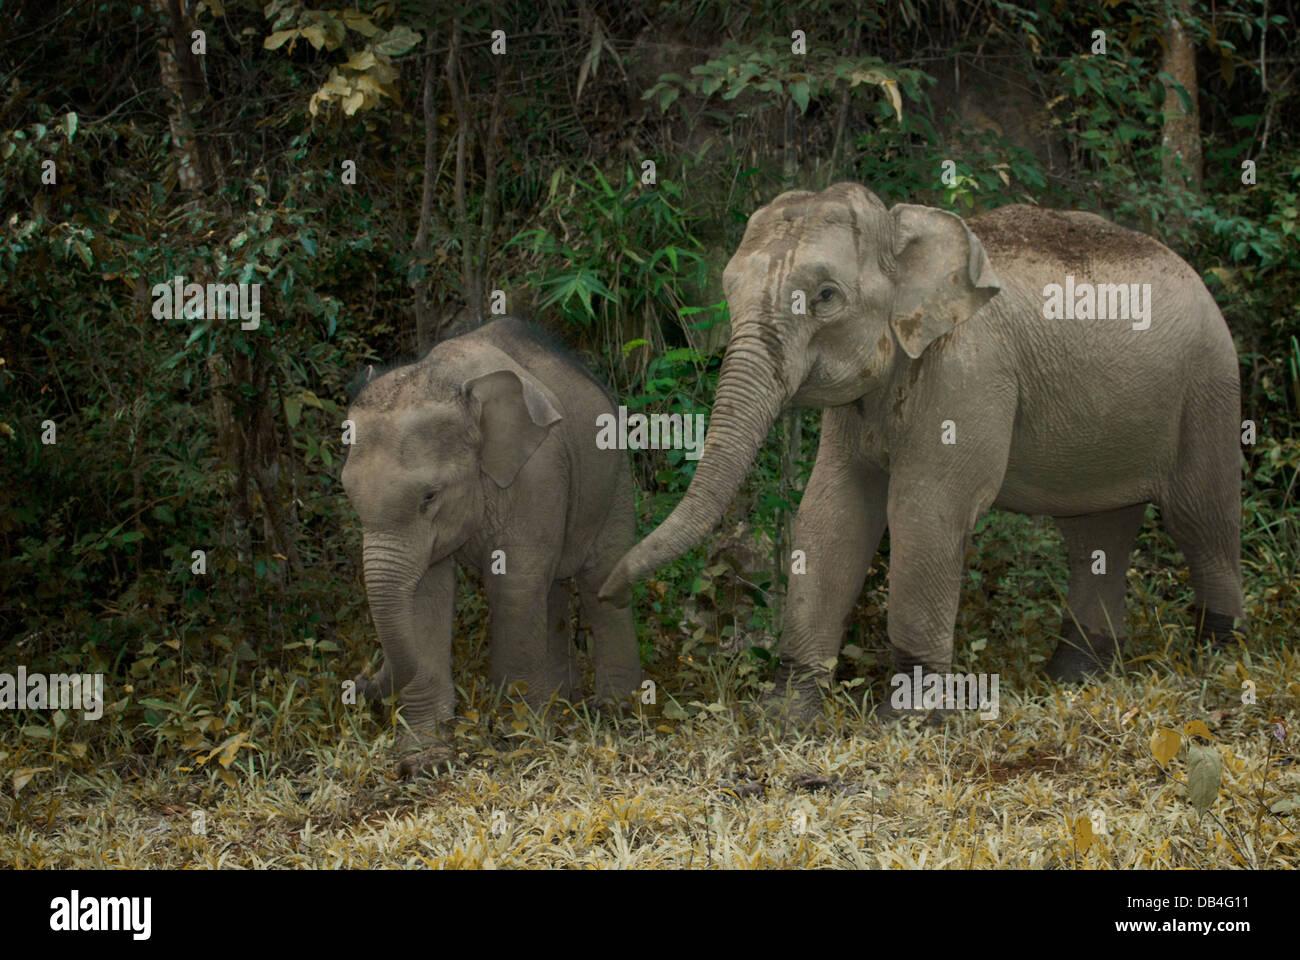 La disparition de l'éléphant d'Asie ou d'Asie (Elephas maximus) est la seule espèce vivante Photo Stock